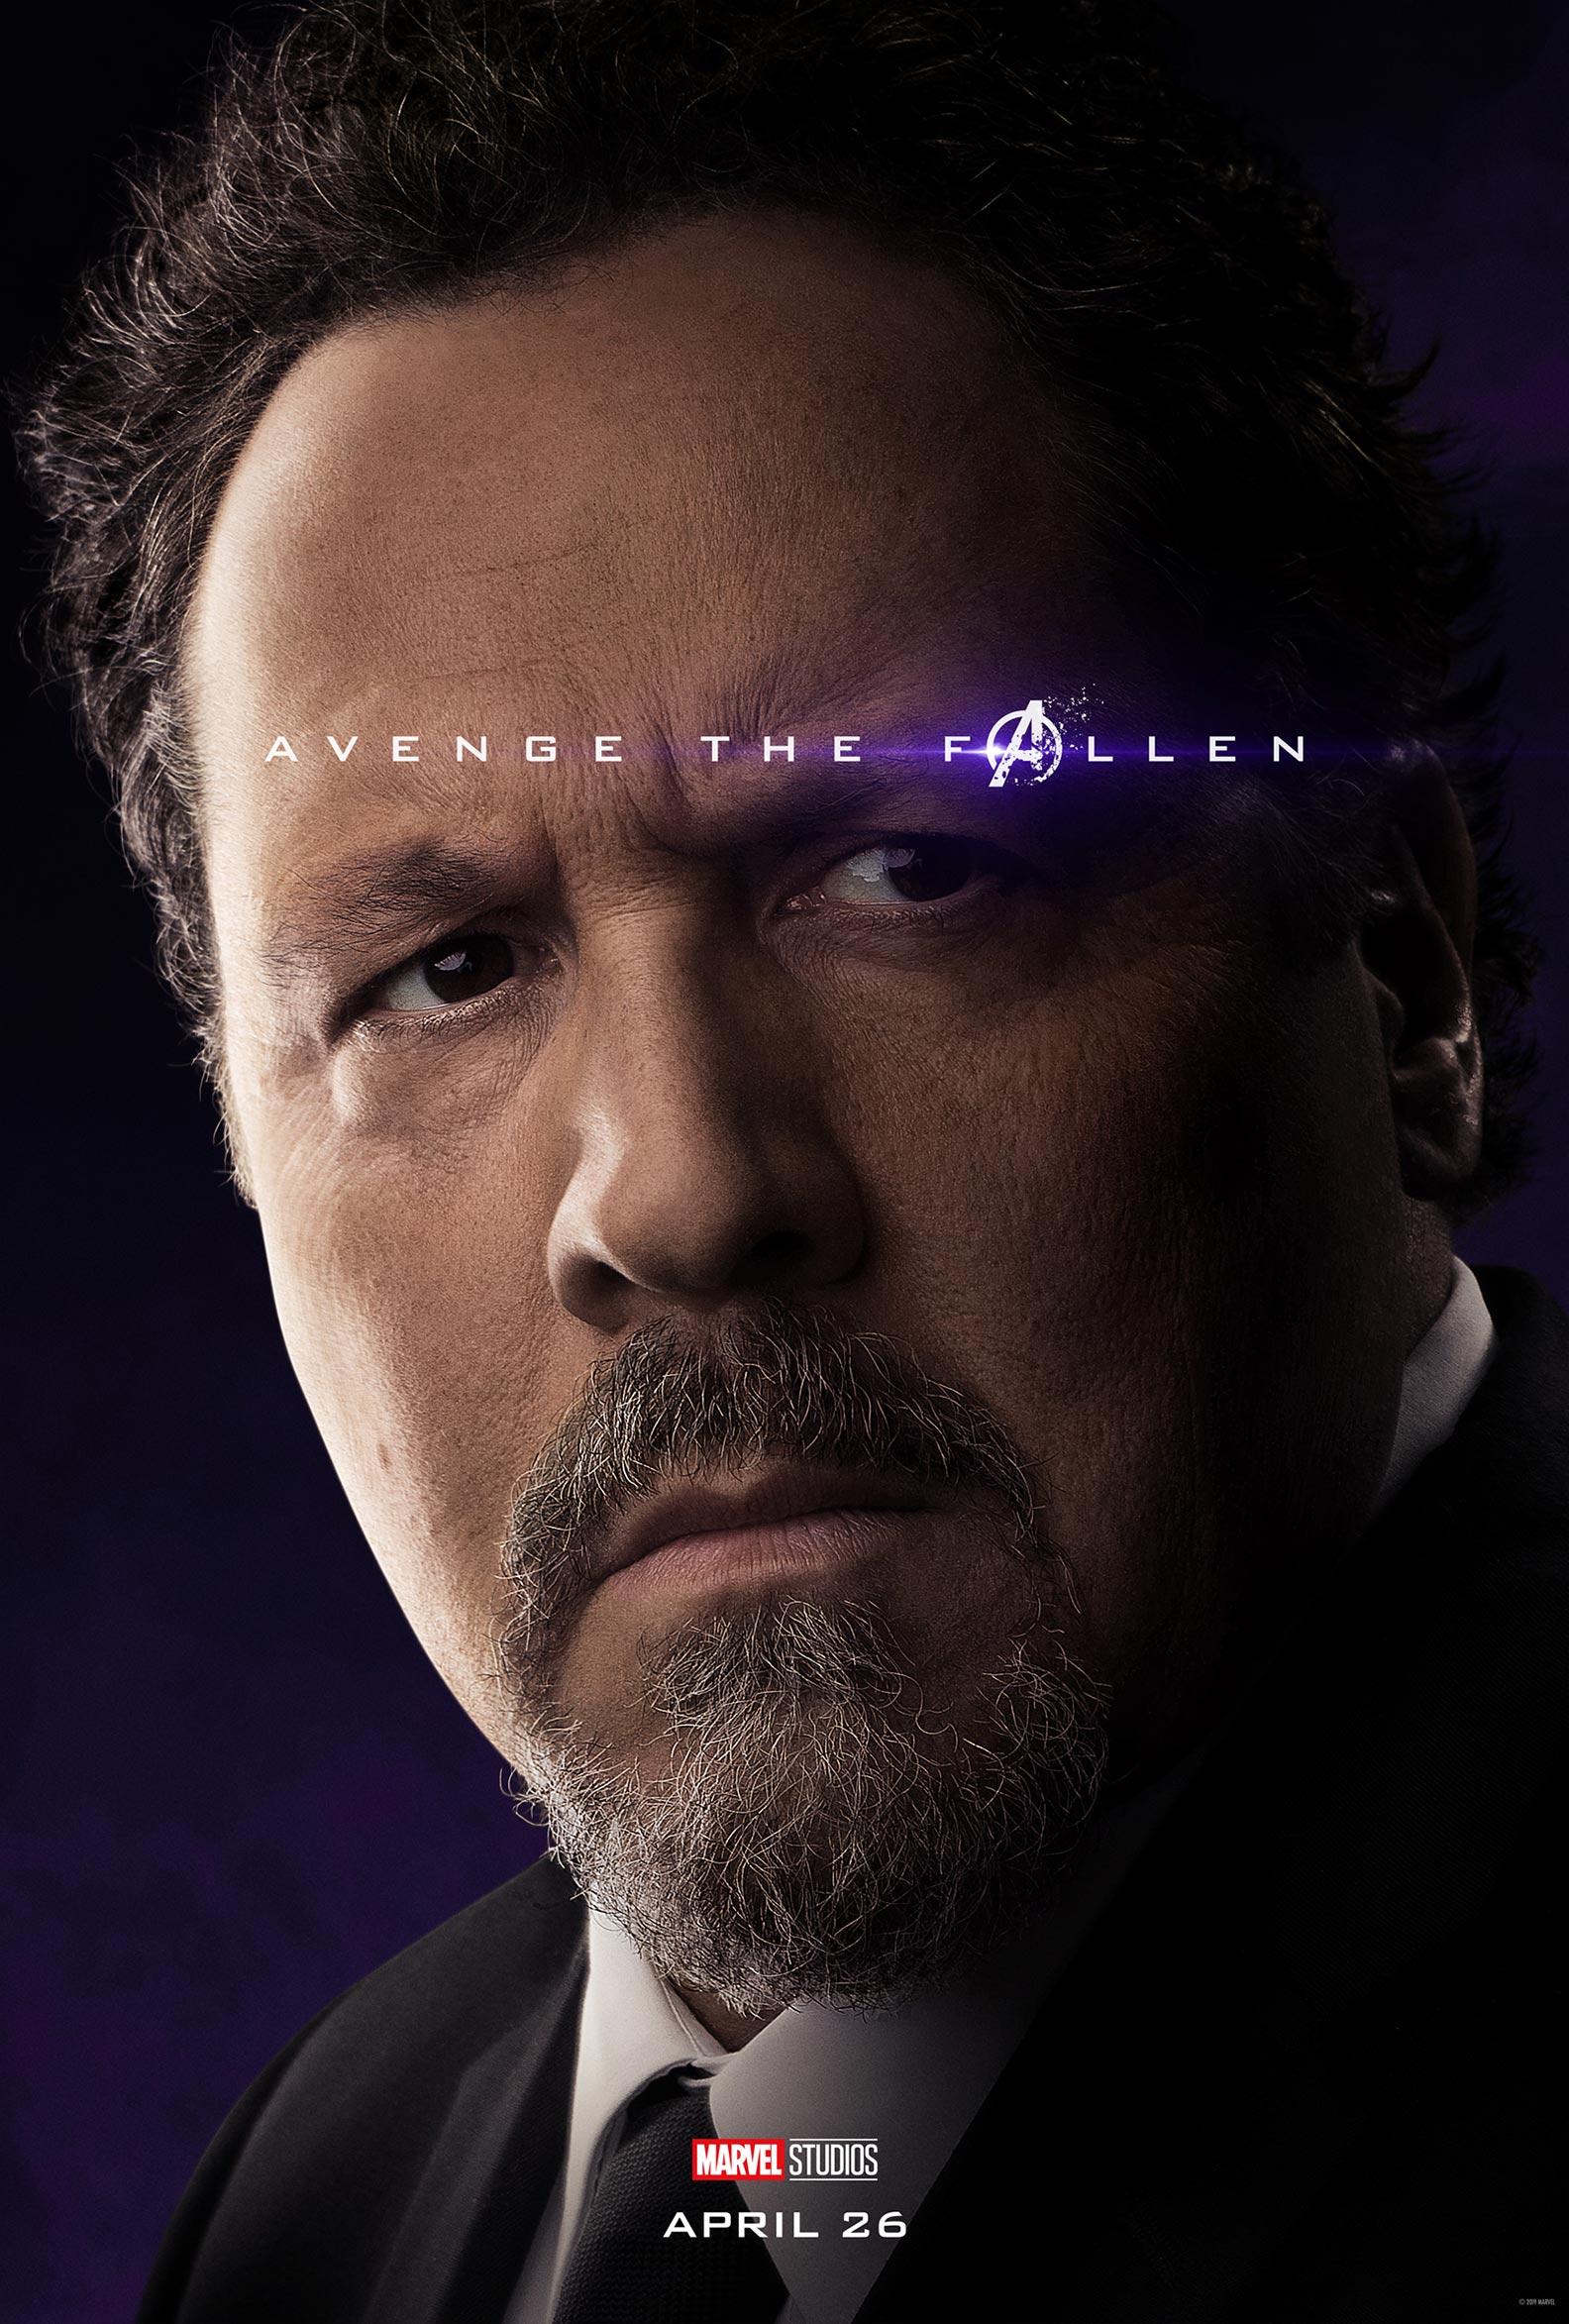 Avengers: Endgame Poster #23